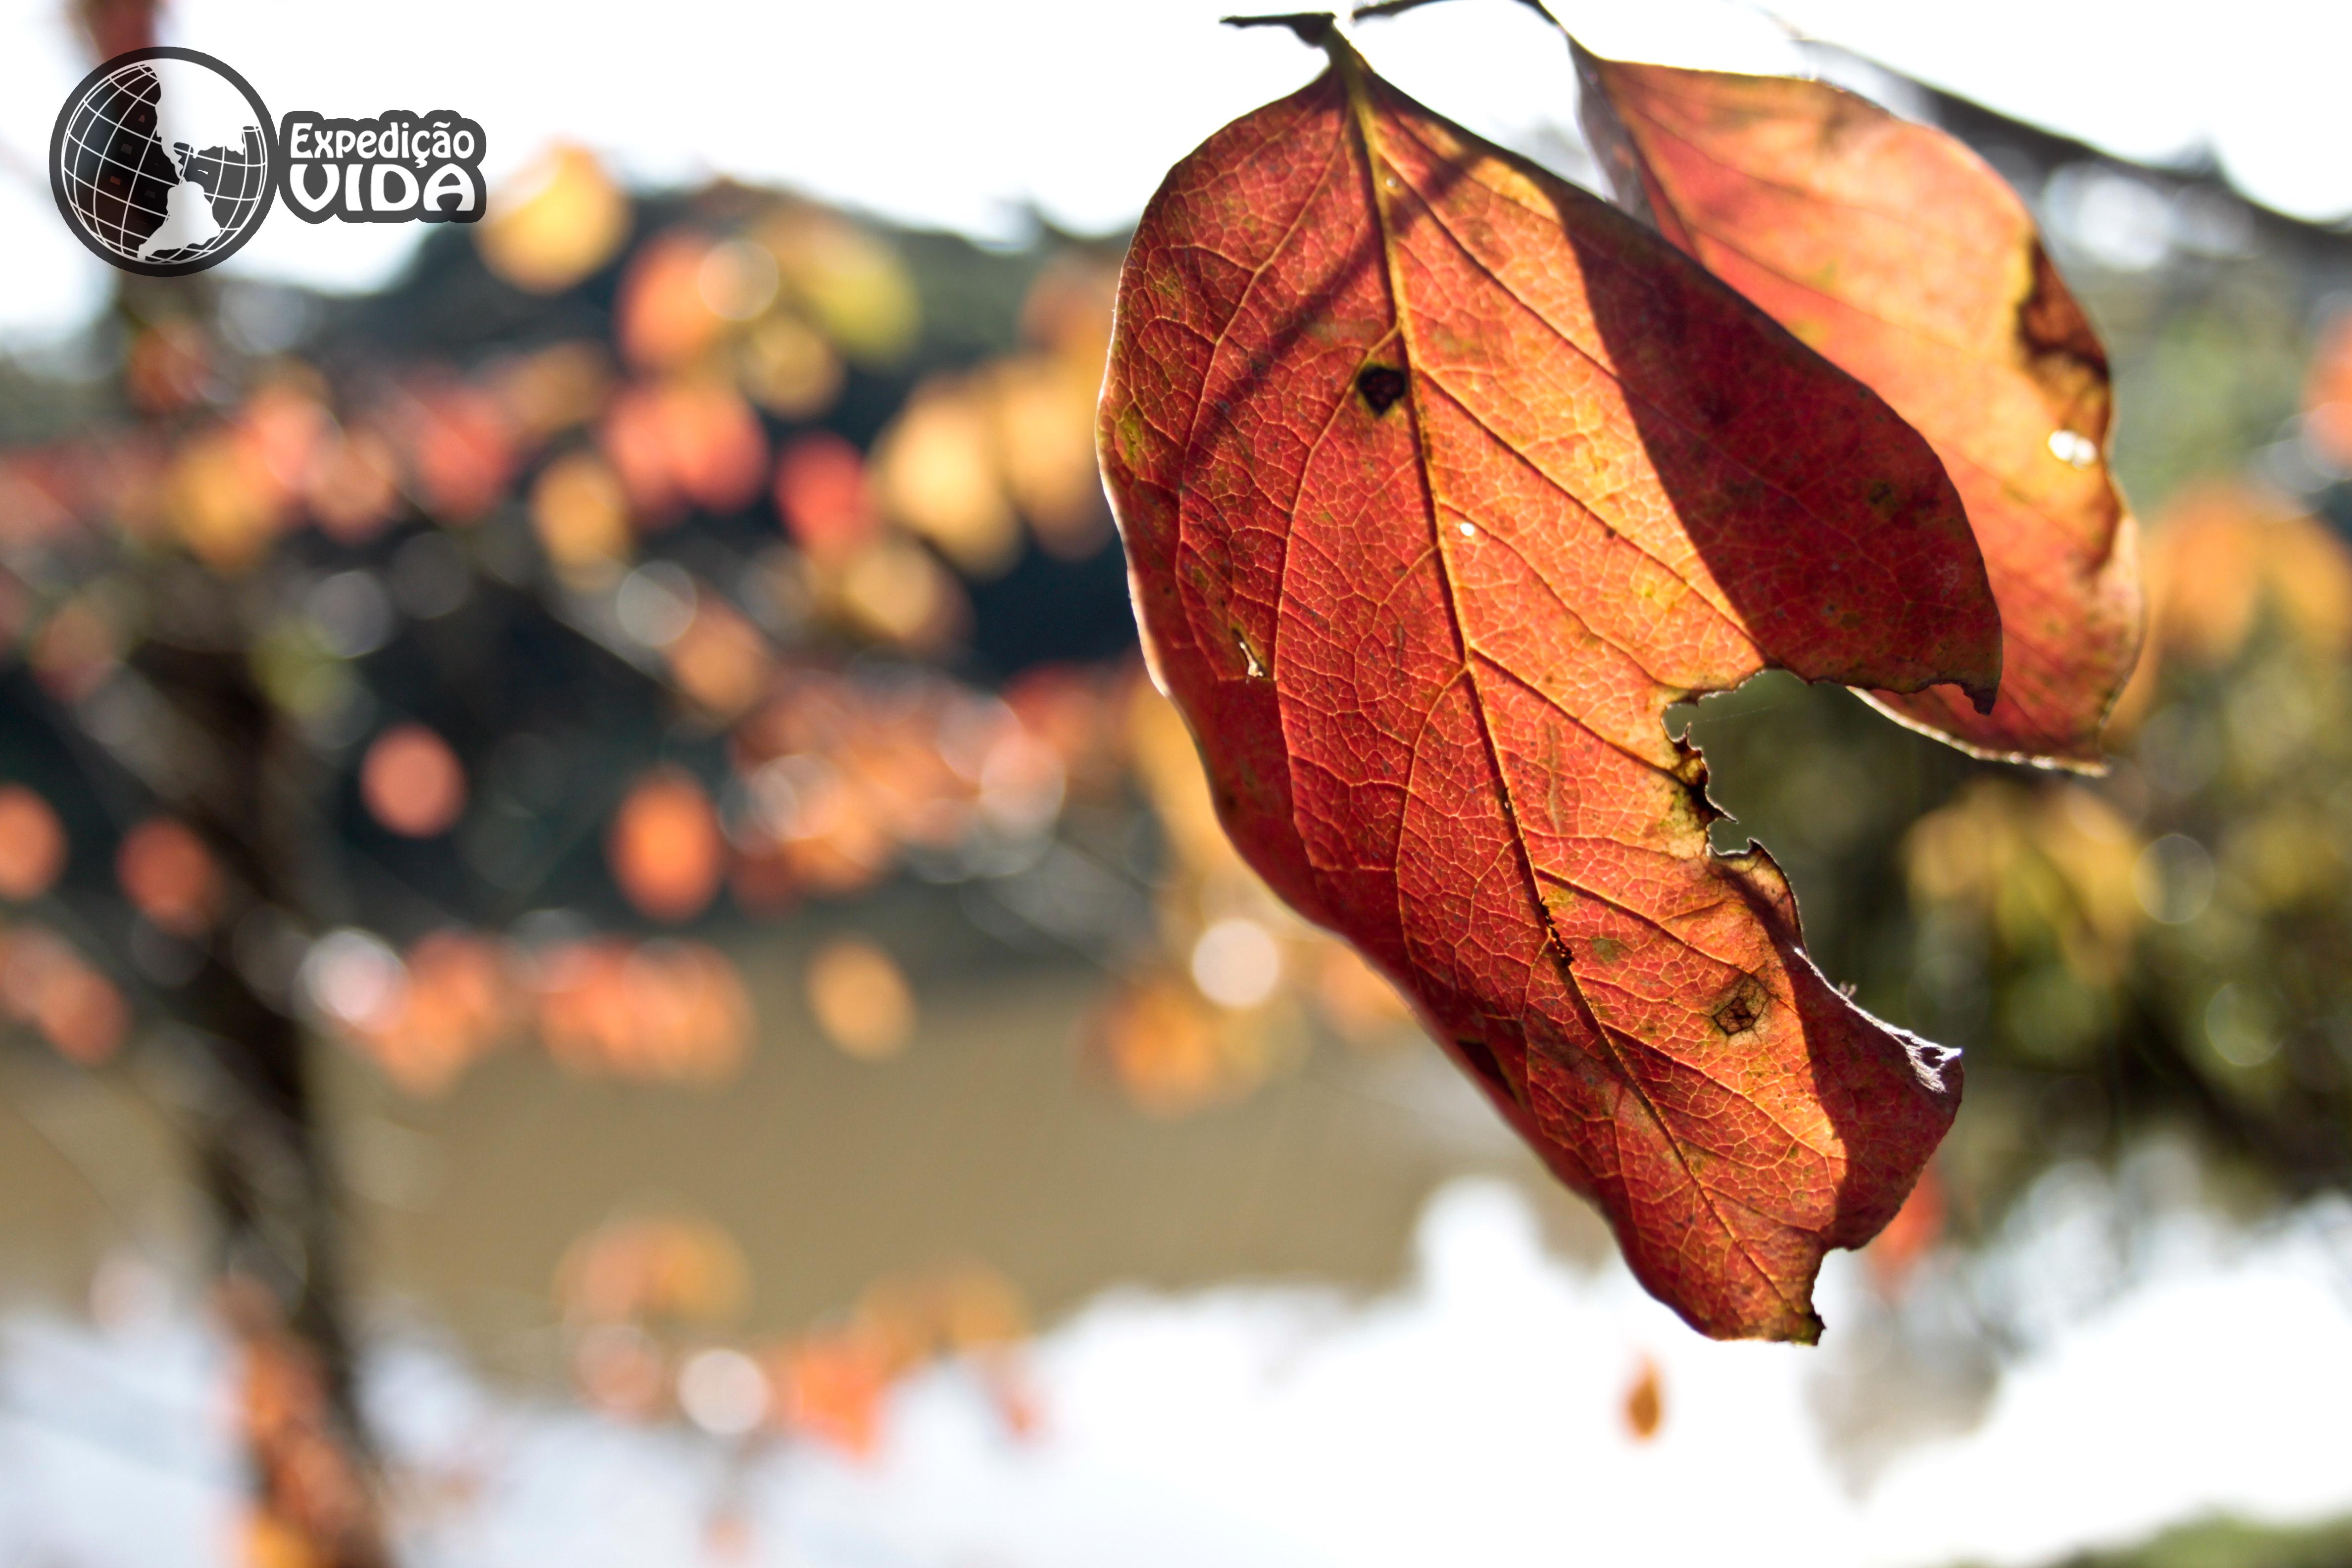 expedicao-vida-folhas-alaranjadas